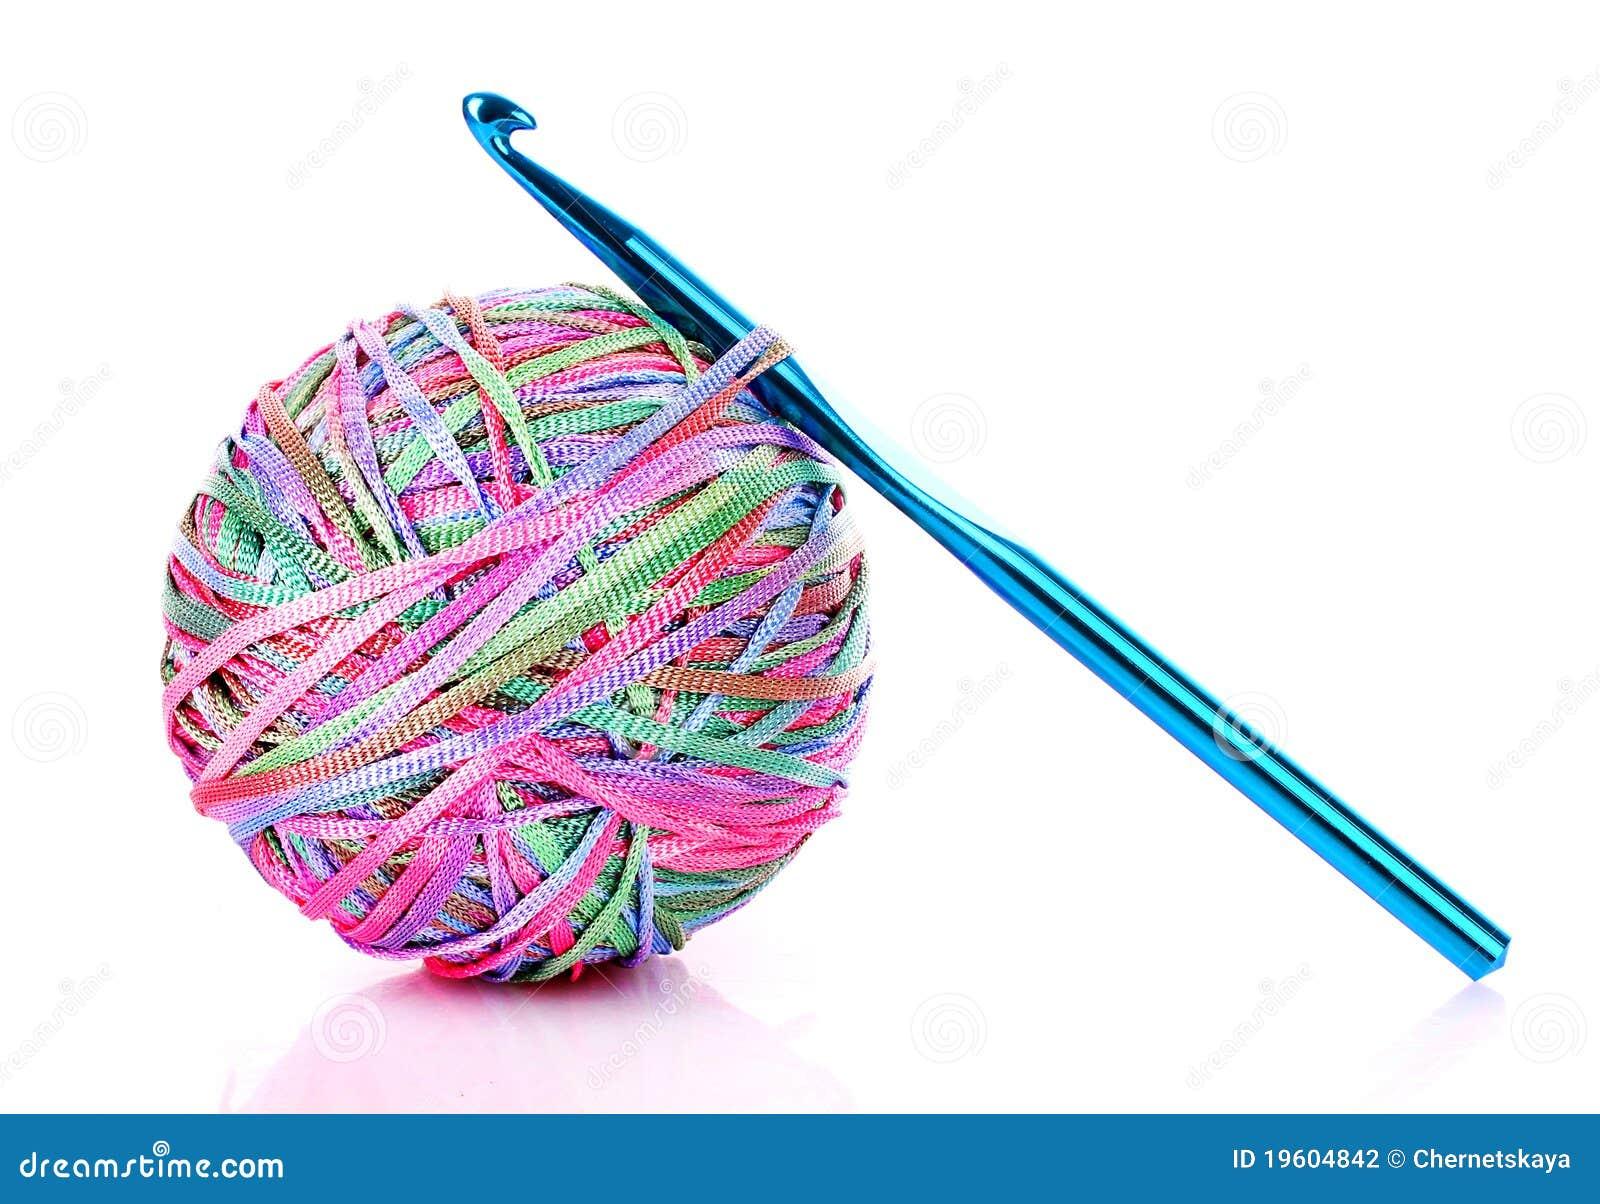 Crochet Clip Art Crochet hook and wool ball